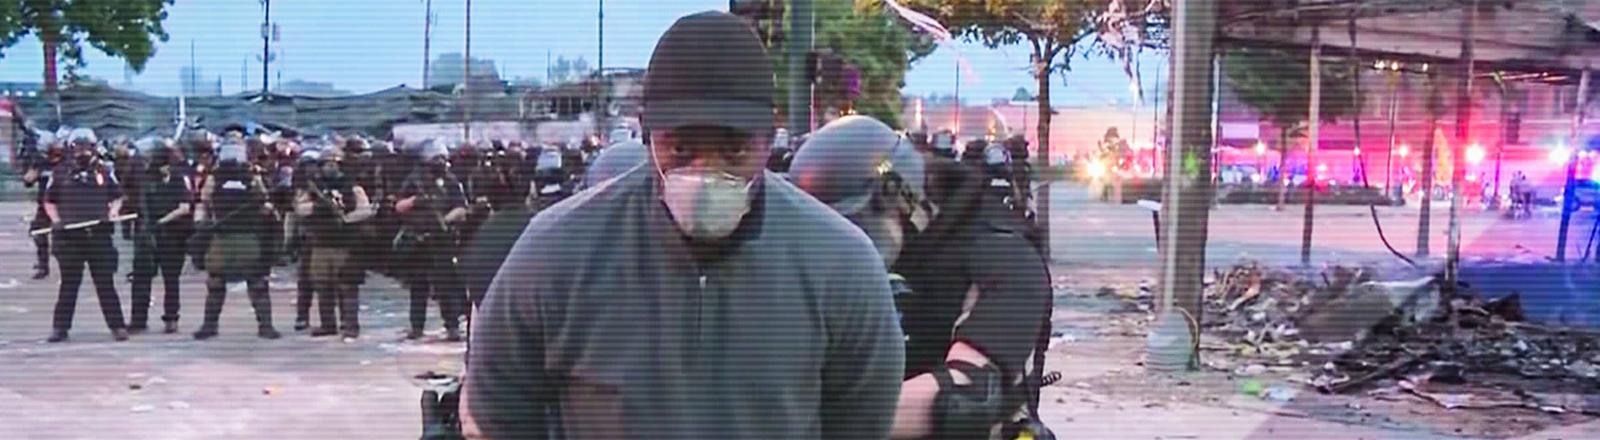 Screenshot des Live-Bildes von CNN: Der CNN-Reporter Omar Jiminez wird während der Berichterstattung über Proteste in Zusammenhang mit dem Tod George Floyds vor laufender Kamera in Minneapolis festgenommen. (29.05.2020)